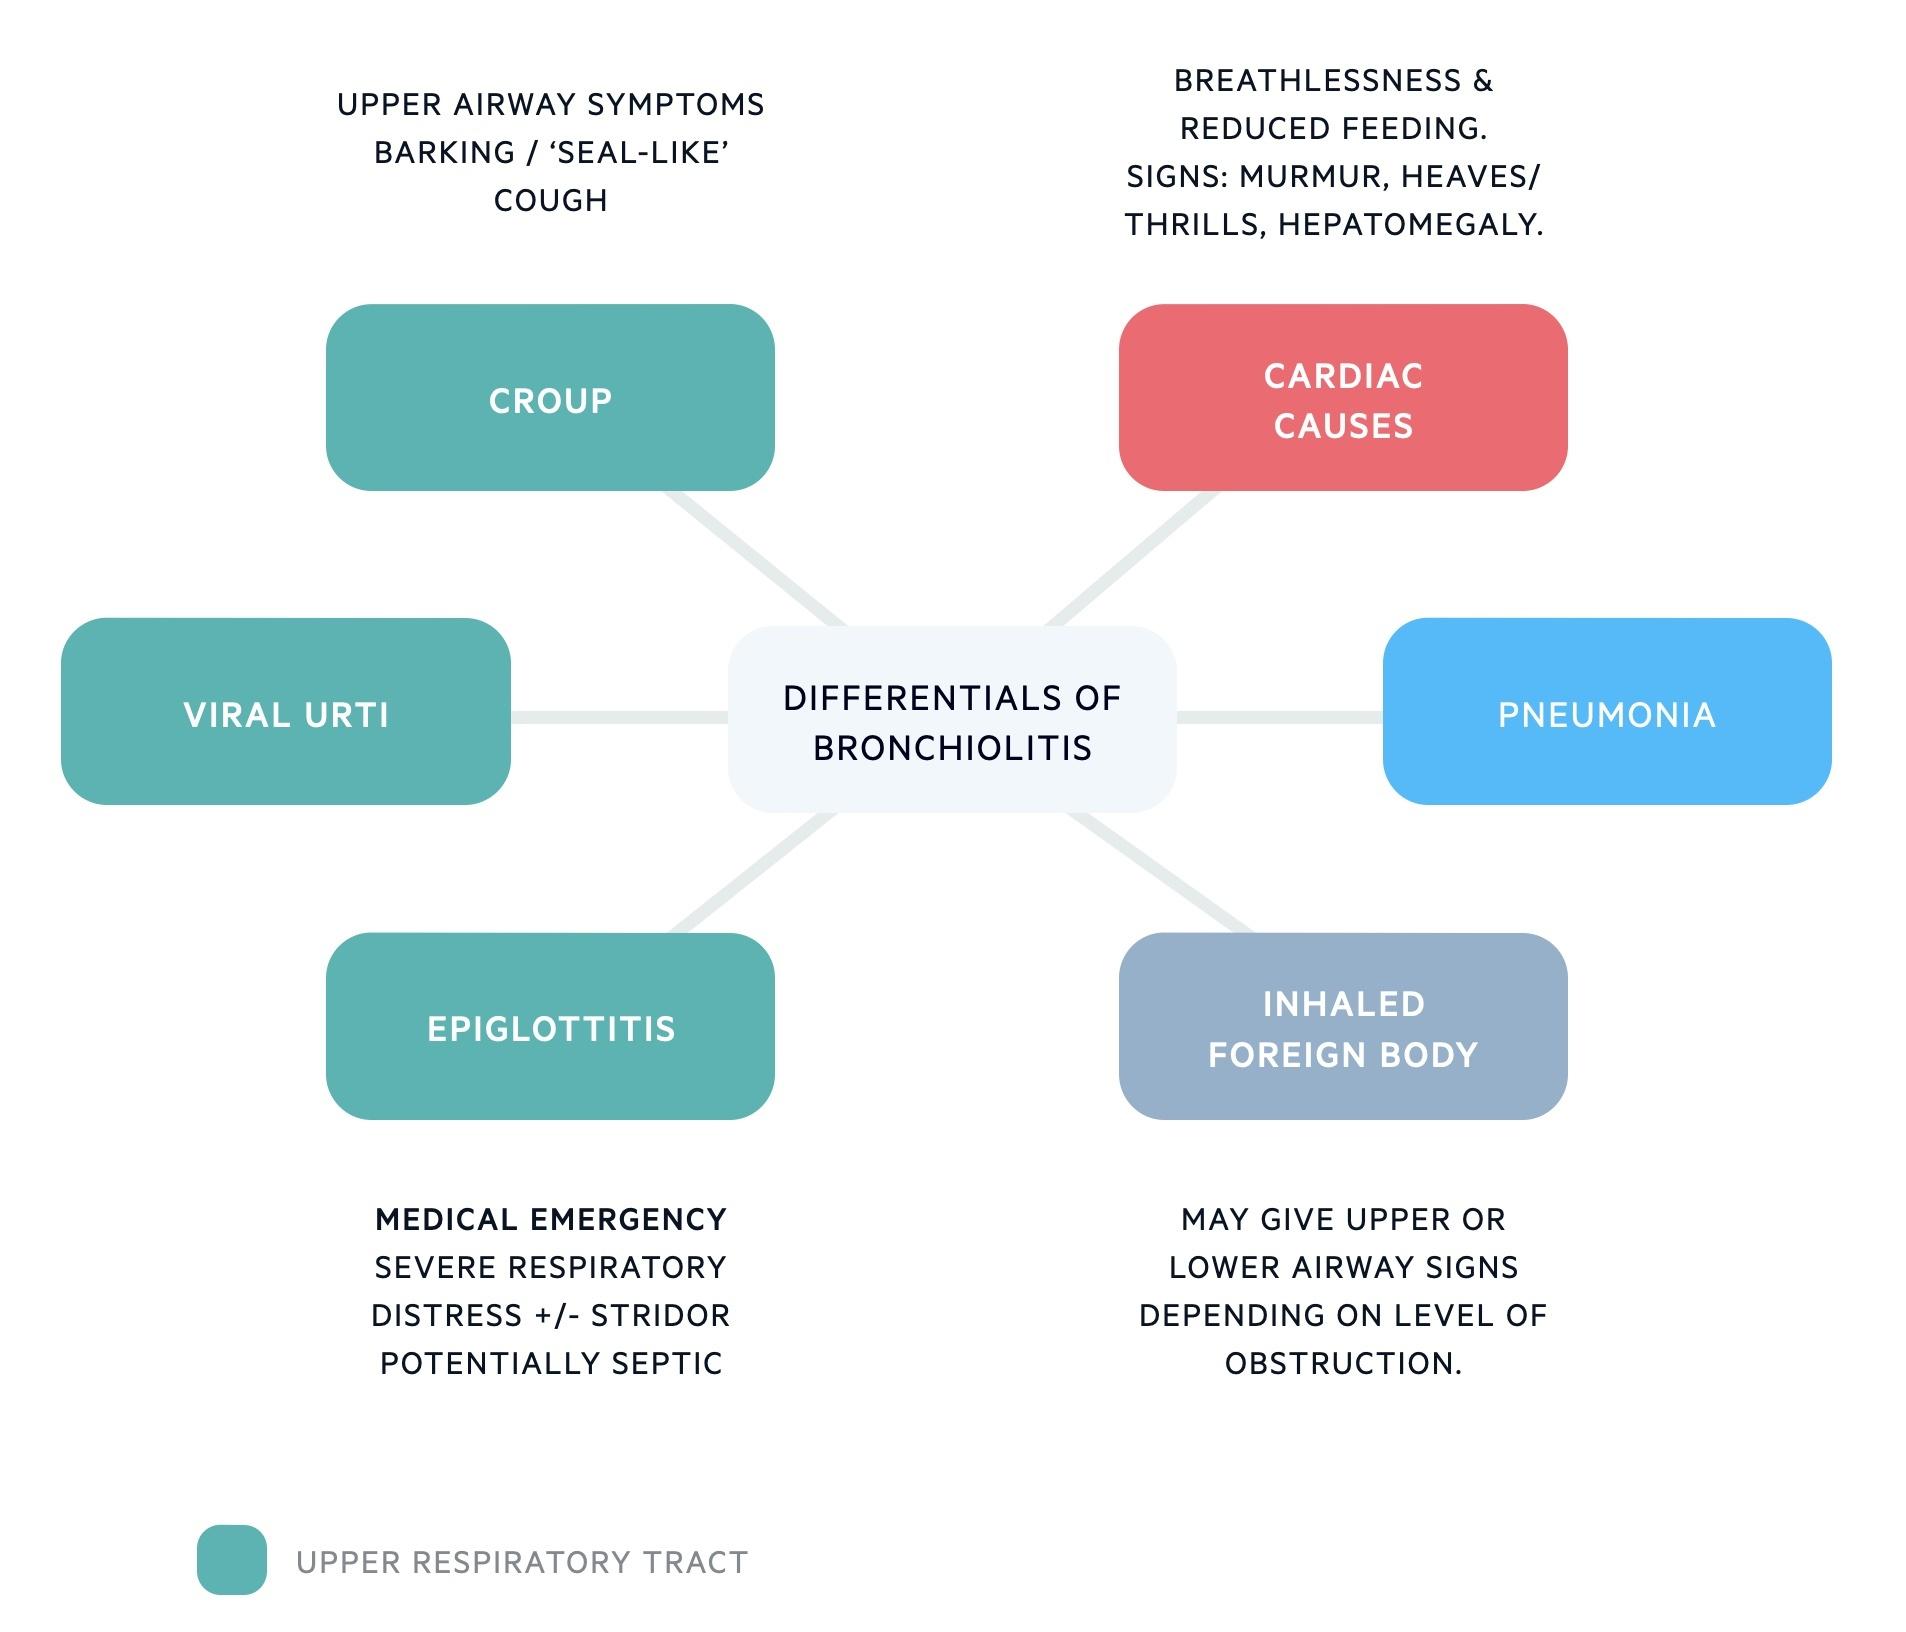 Differentials of bronchiolitis